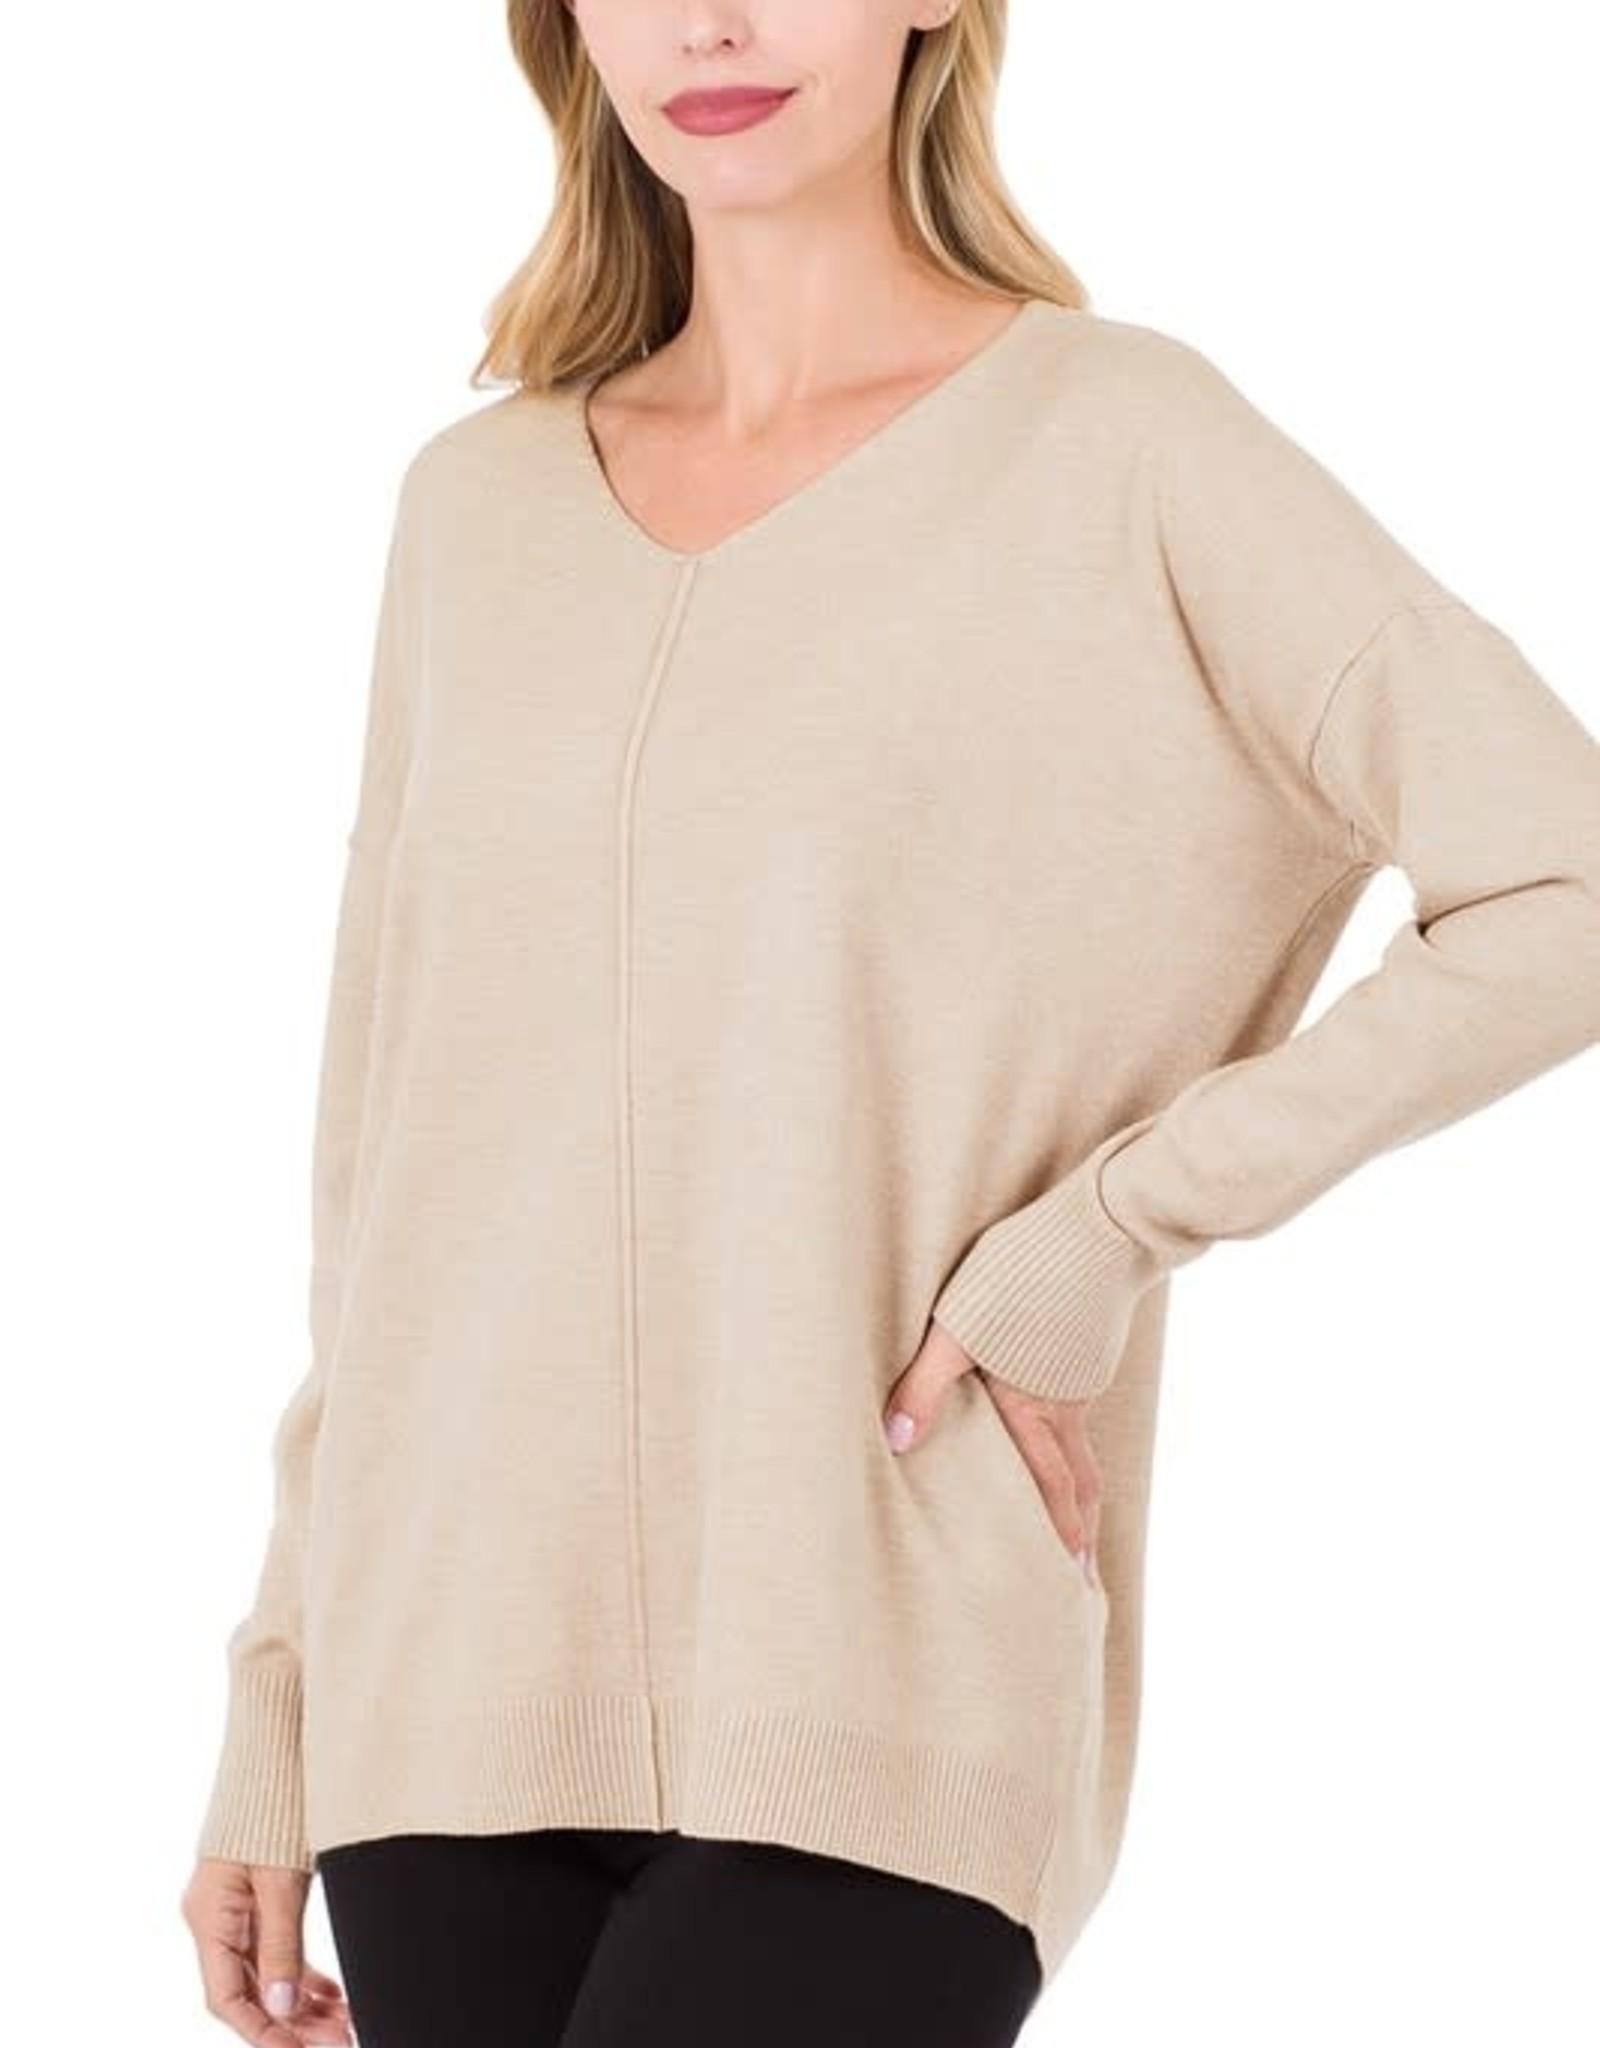 - Sand Beige V-Neck Sweater w/ Center Seam